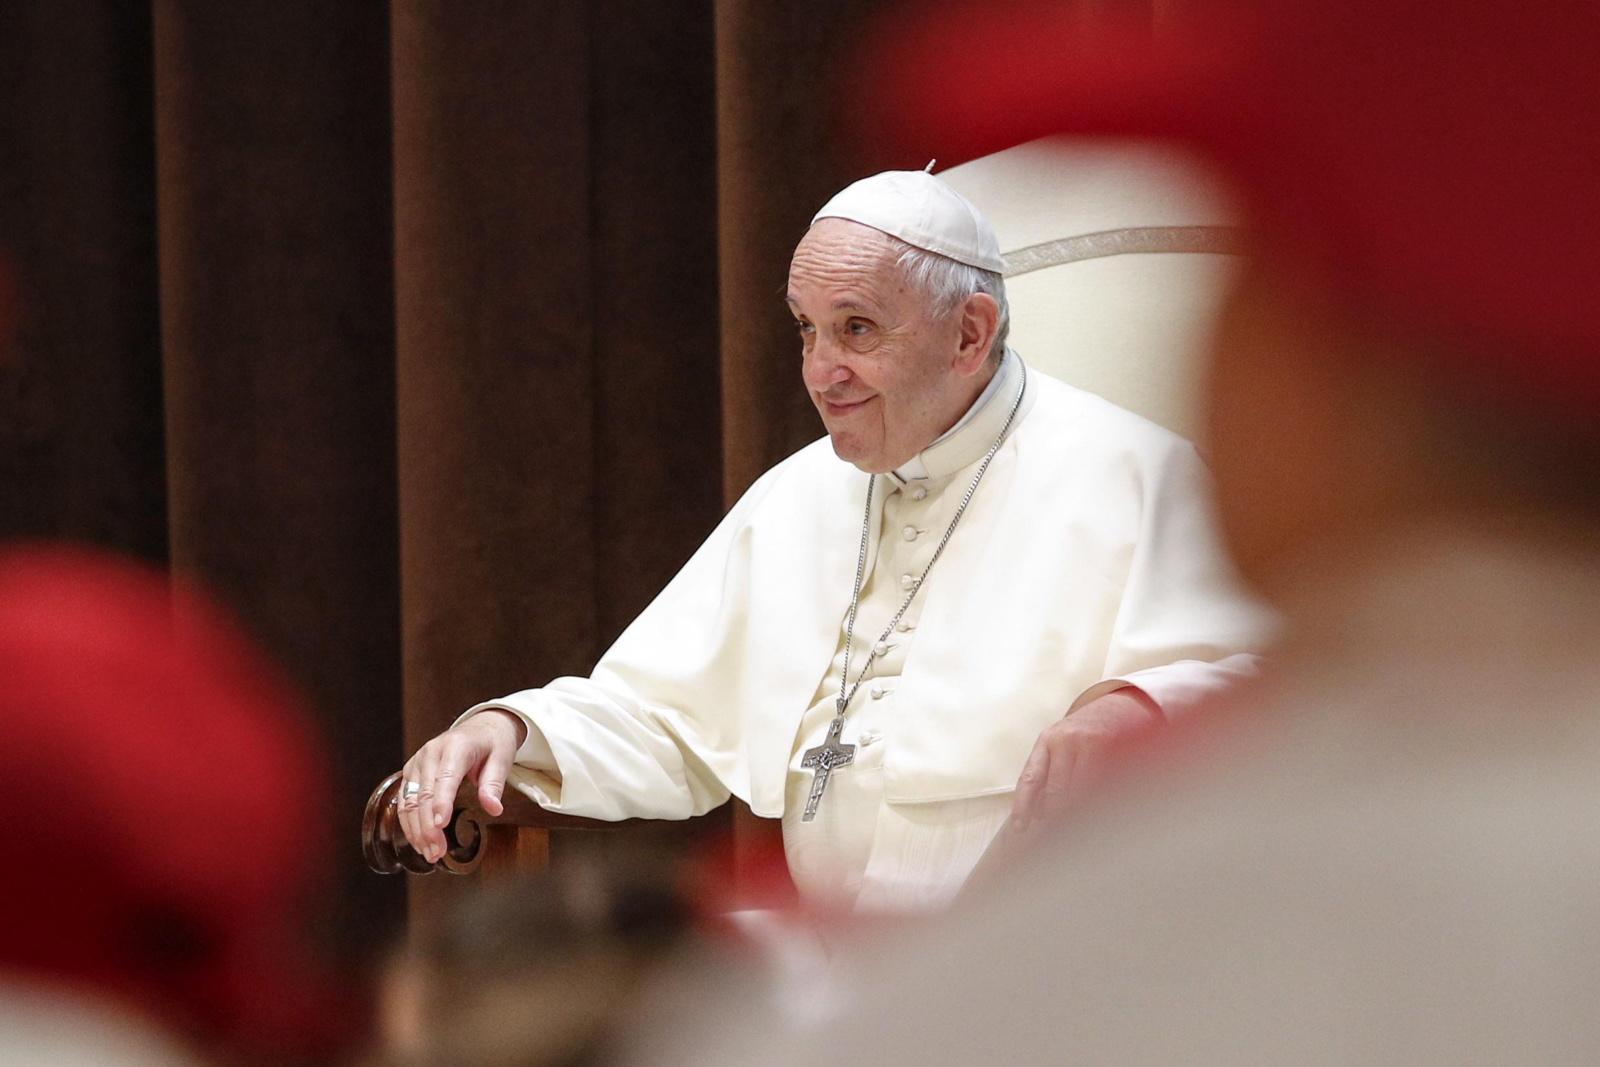 Talkinti per popiežiaus vizitą Lietuvoje panoro 1733 žmonės